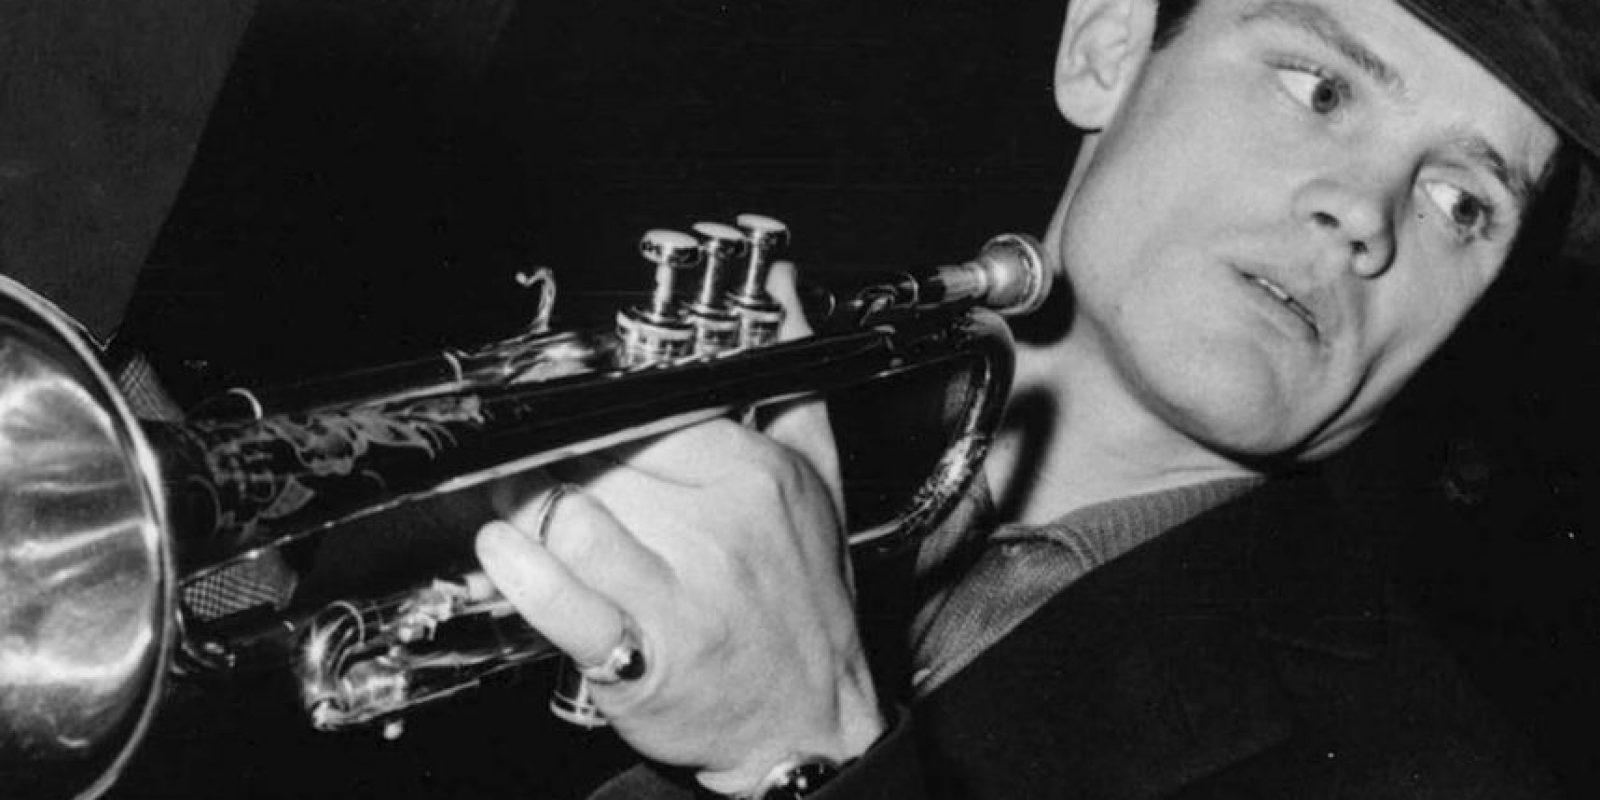 La boca de quien toca la trompeta es irresistible, ya sea para susurrar palabras de amor o explorar el cuerpo de su pareja con los labios Foto:Getty Images